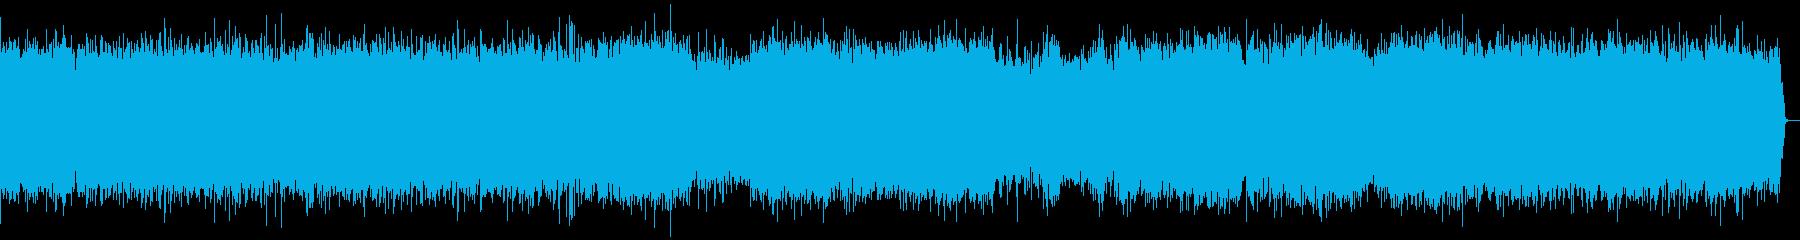 管弦楽組曲第一番 序曲の再生済みの波形